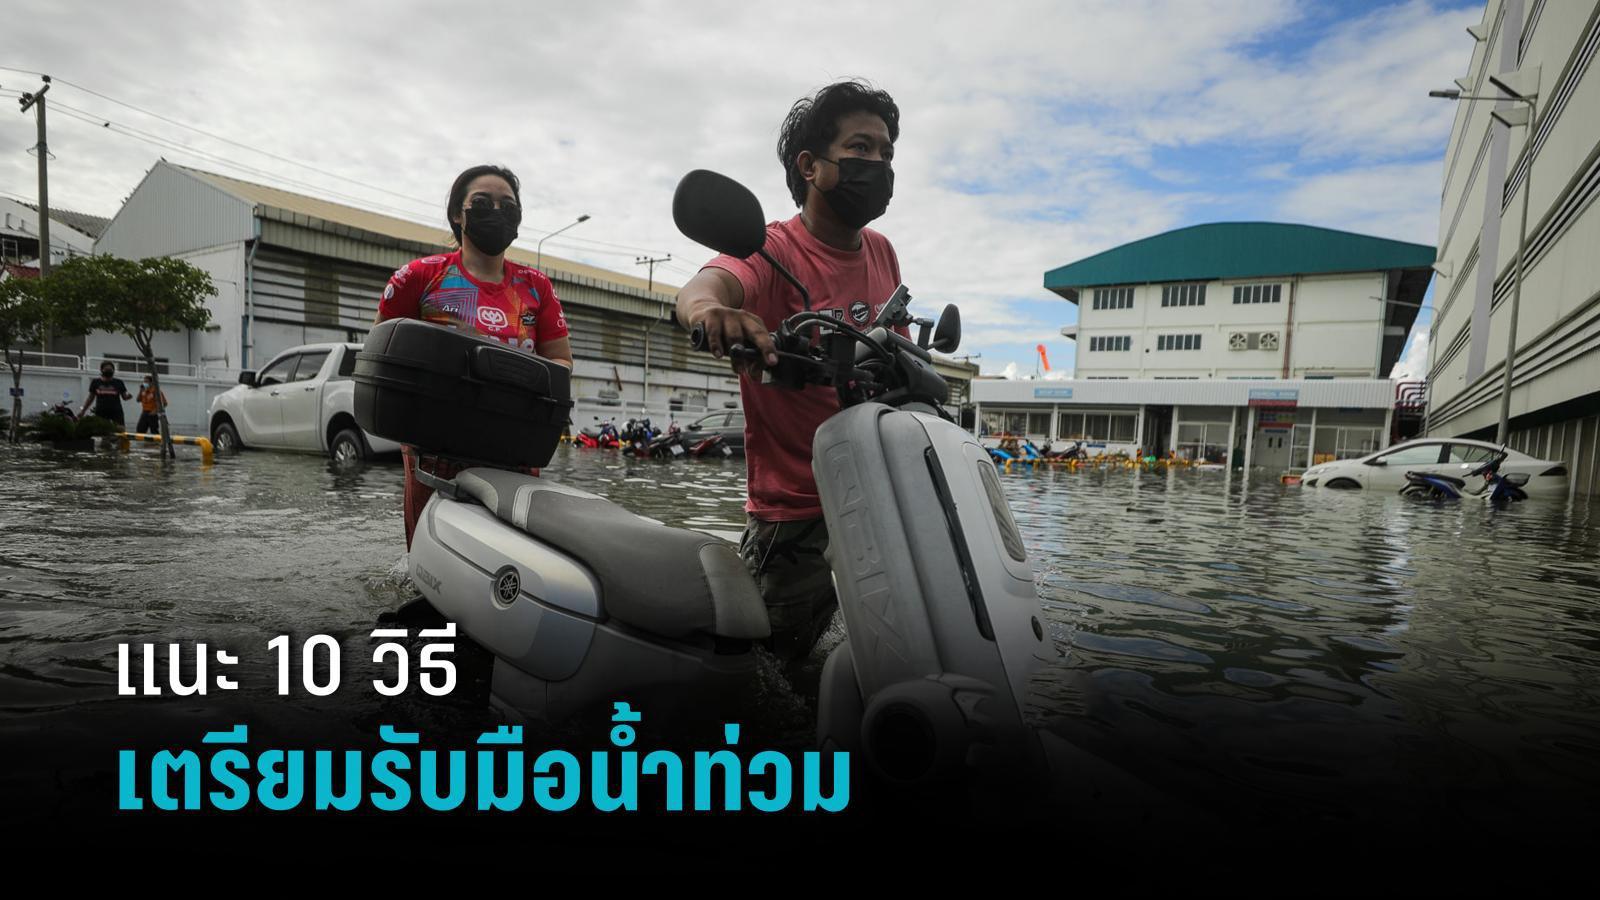 เตรียมความพร้อม รับมือน้ำท่วมอย่างปลอดภัยด้วย 10 ขั้นตอนนี้